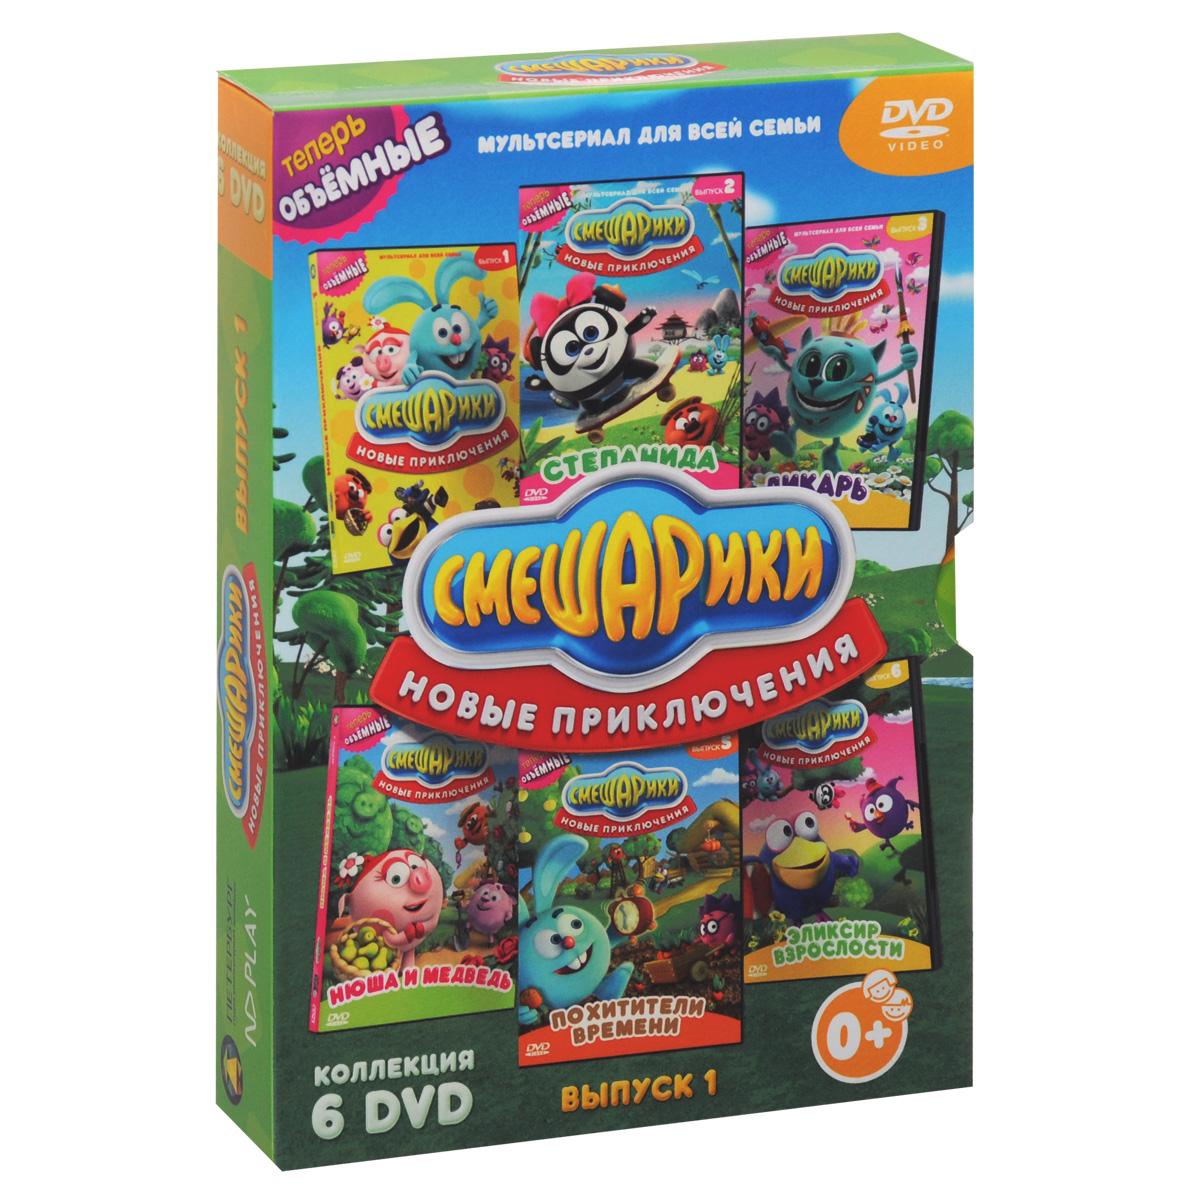 Смешарики: Новые приключения: Выпуск 1 (6 DVD) смешарики вишневый сад выпуск 15 красная книга выпуск 16 2 dvd